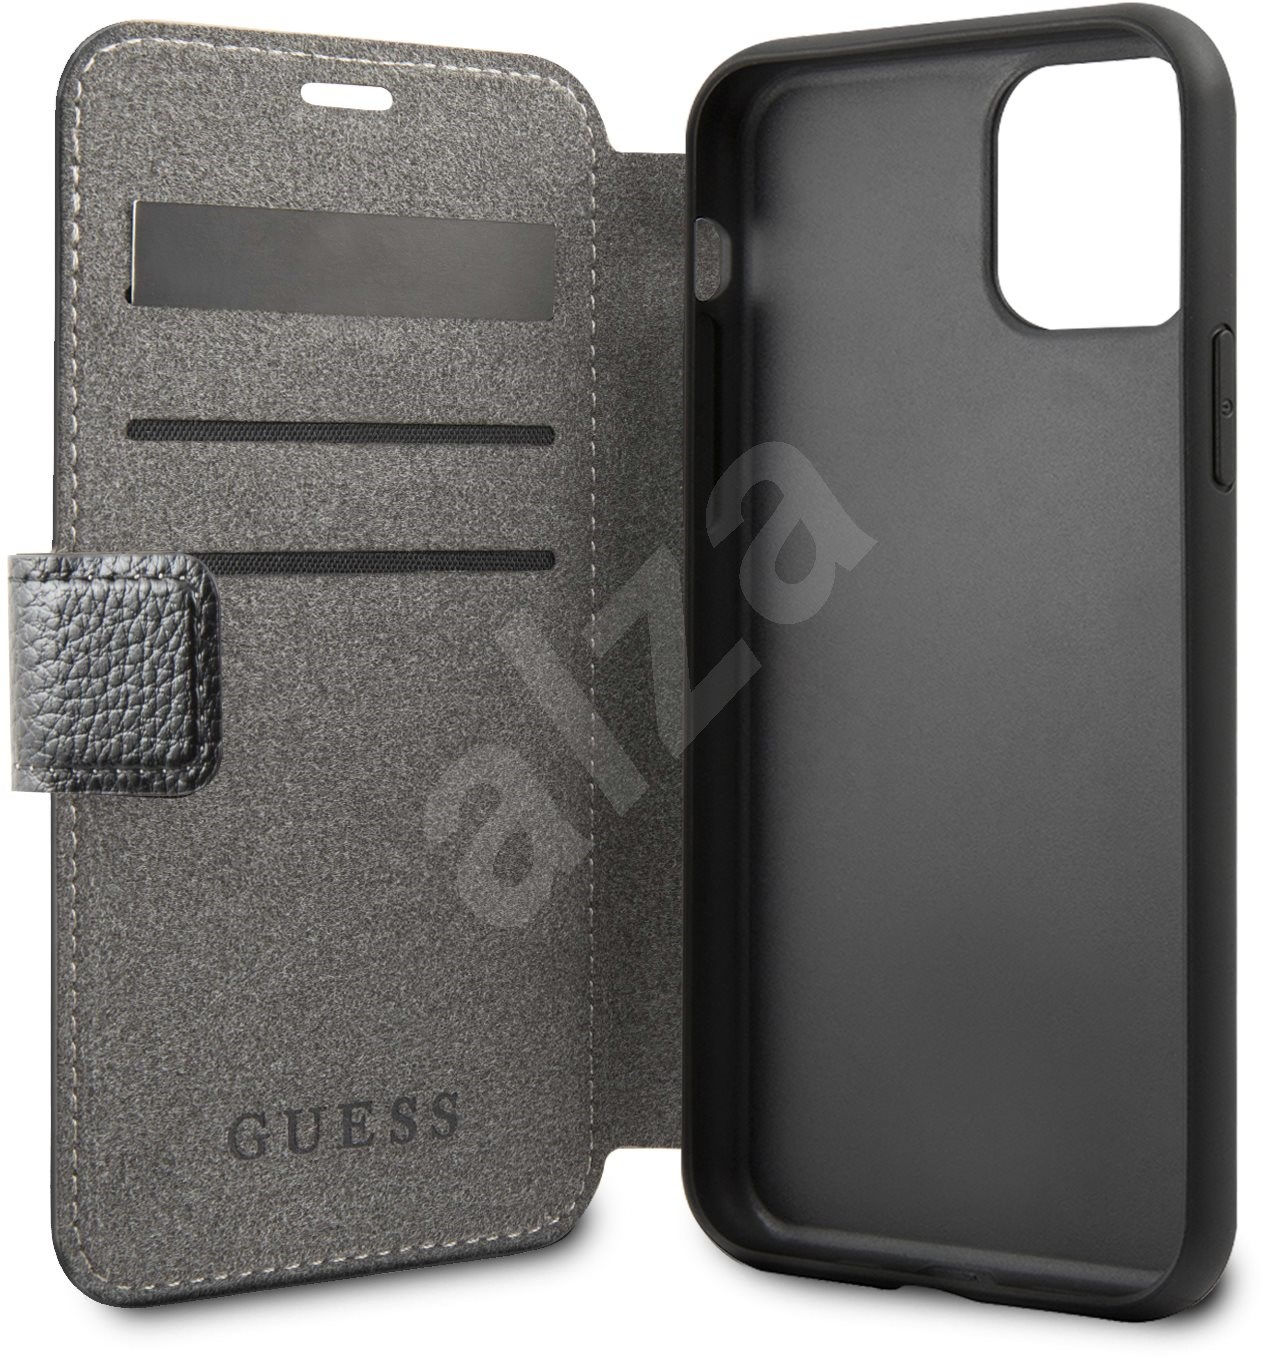 Guess Iridescent tok iPhone 11 készülékhez  fekete (EU Blister) - Mobiltelefon tok